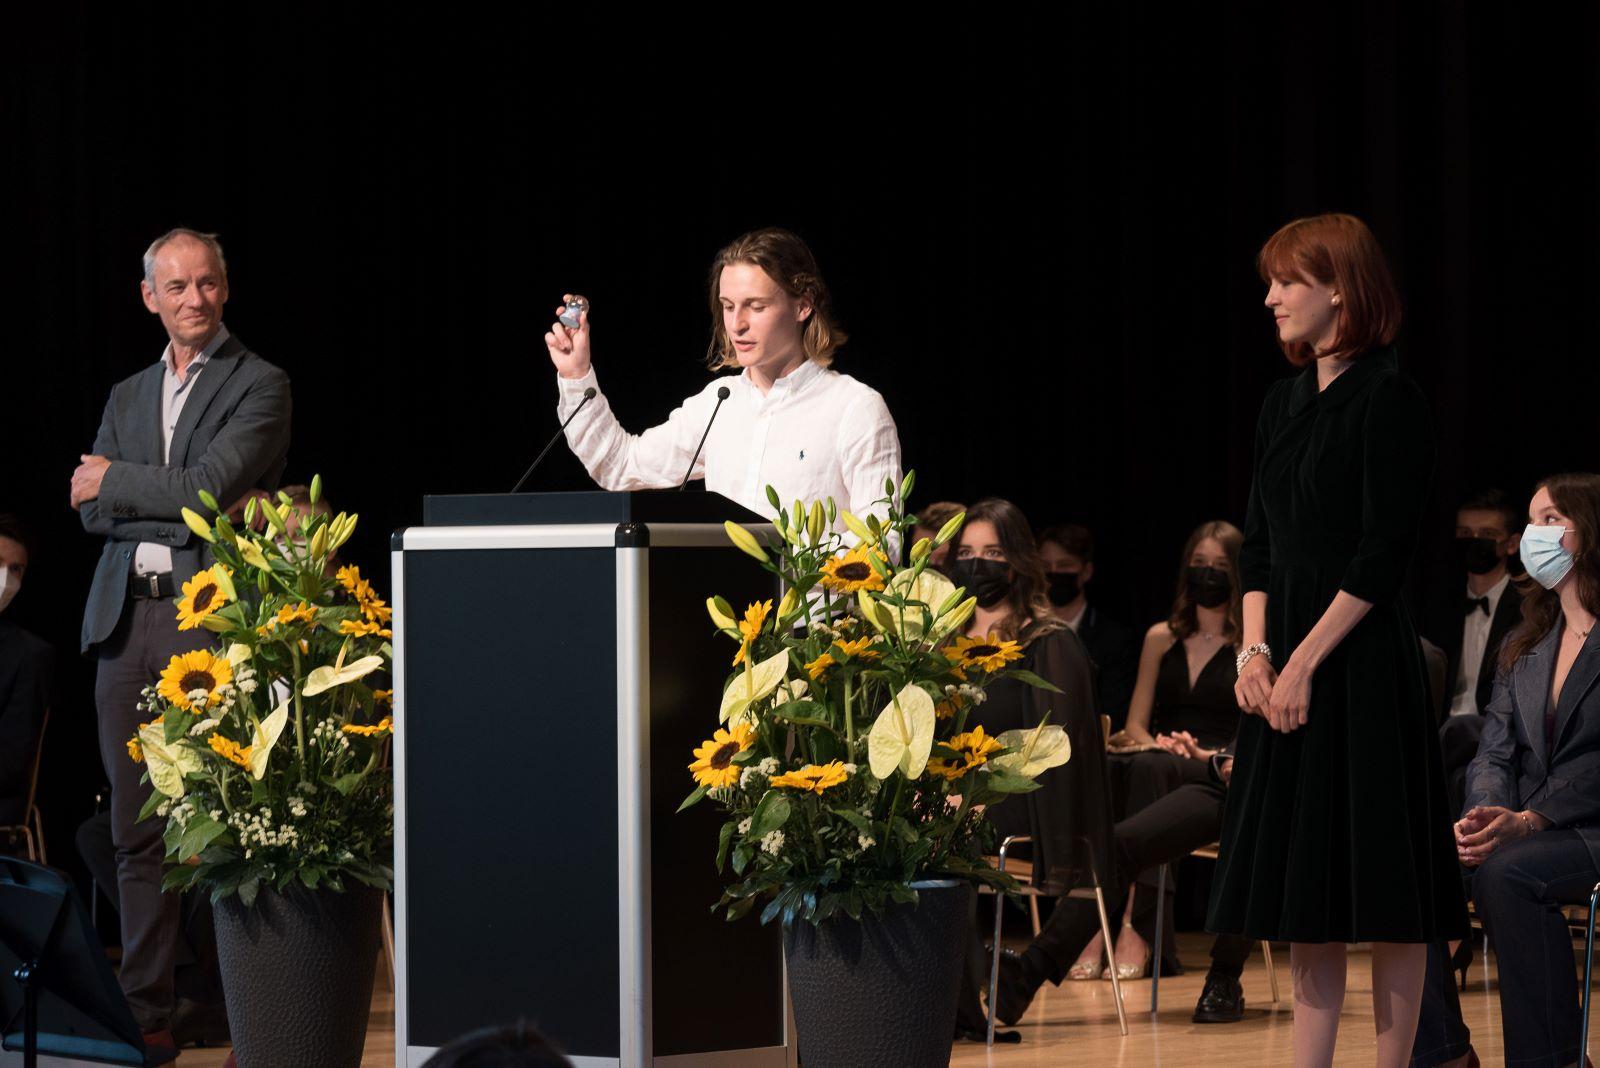 V.l.n.r.: Die Rednerin und die Redner an der Maturafeier an der Kantonsschule Alpenquai am 23. Juni 2021: Odilo Abgottspon, Chandra Tresch und Maja Arnold. Foto Markus Wild